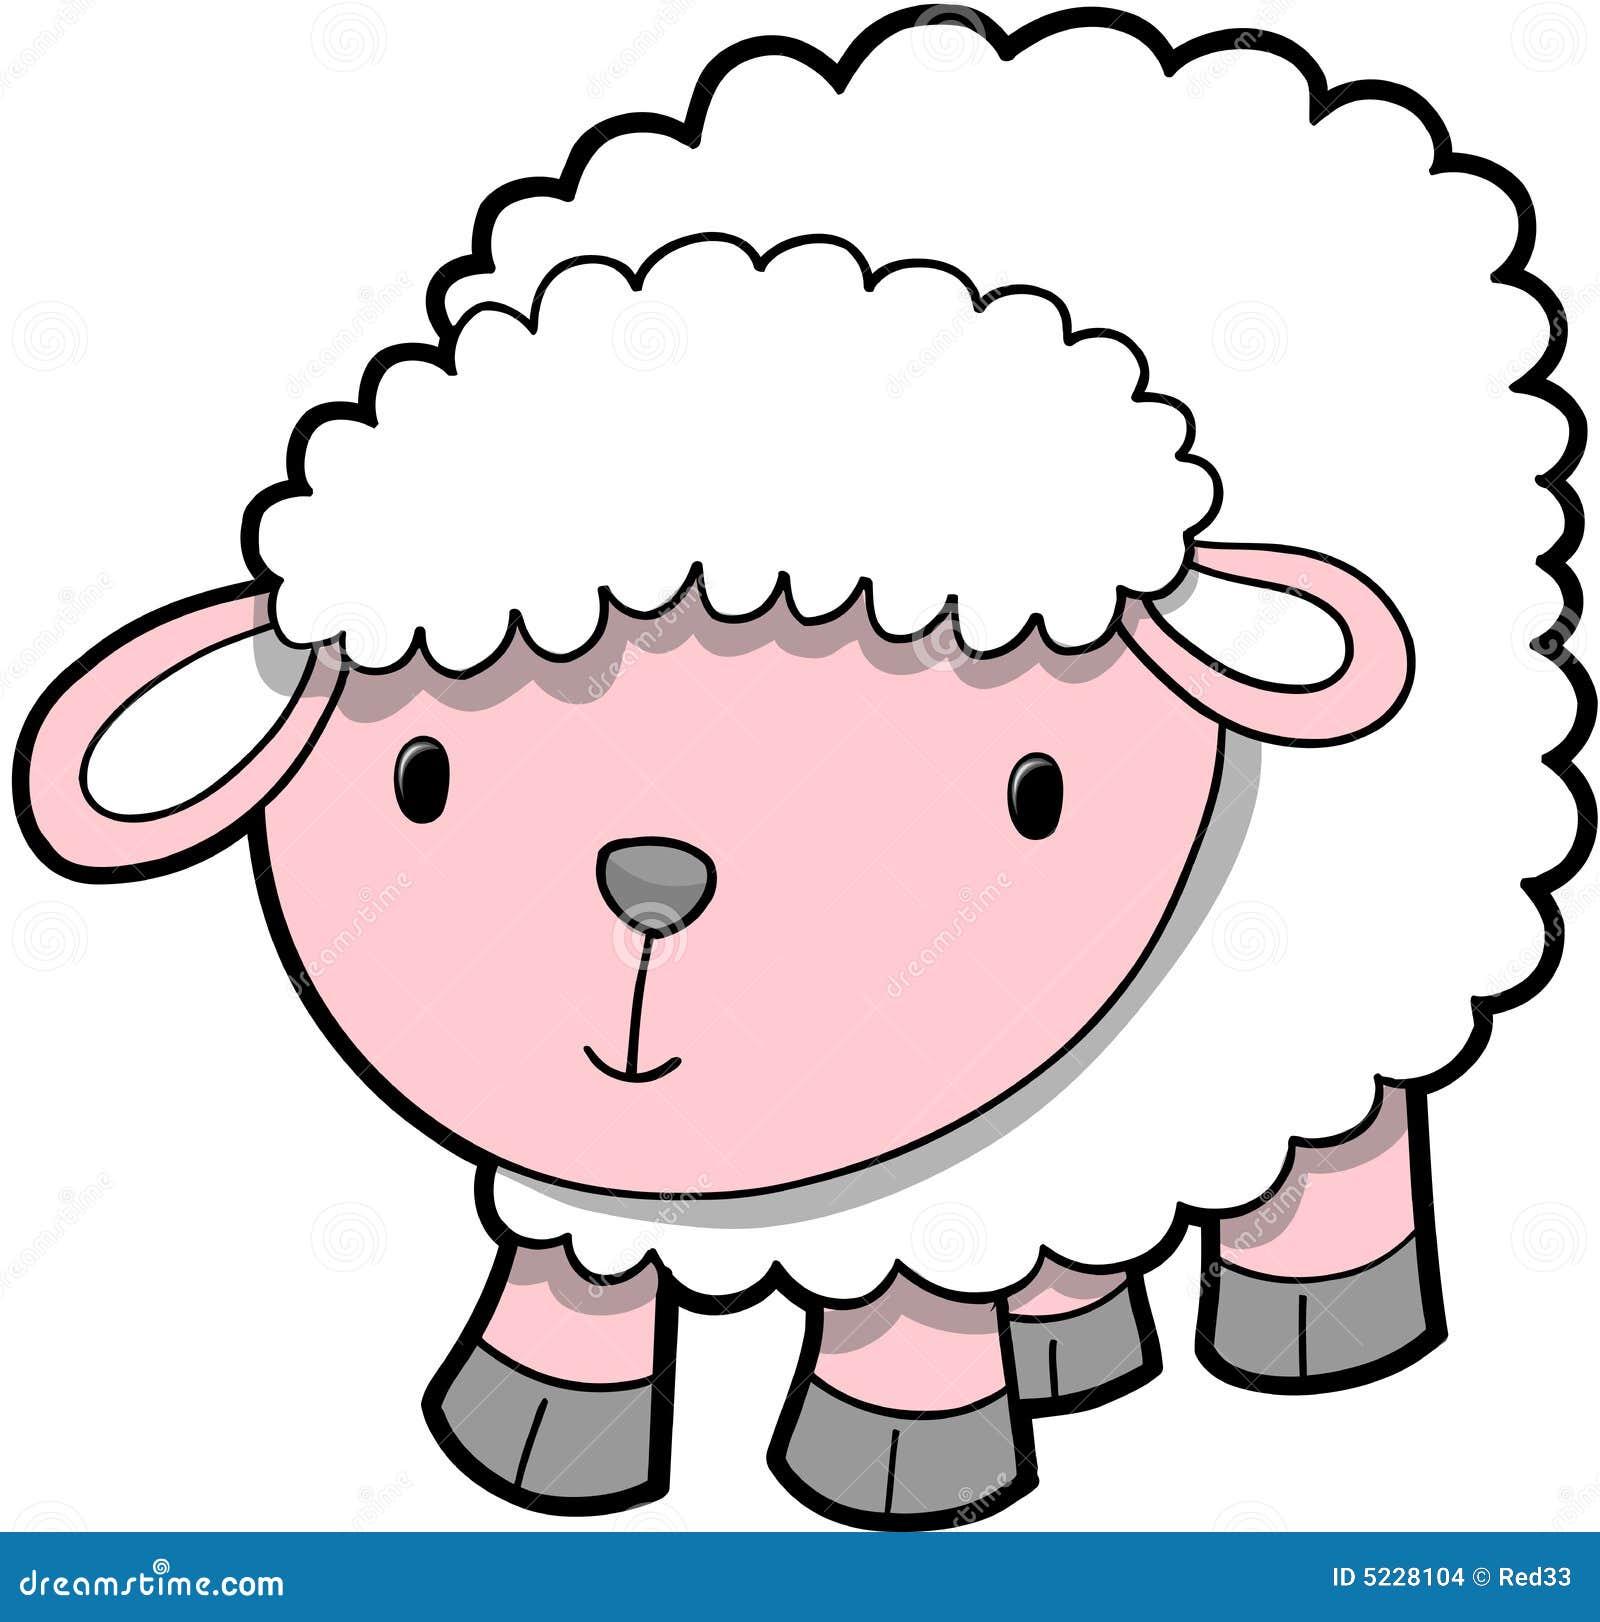 lamb and cross clip art MEMES